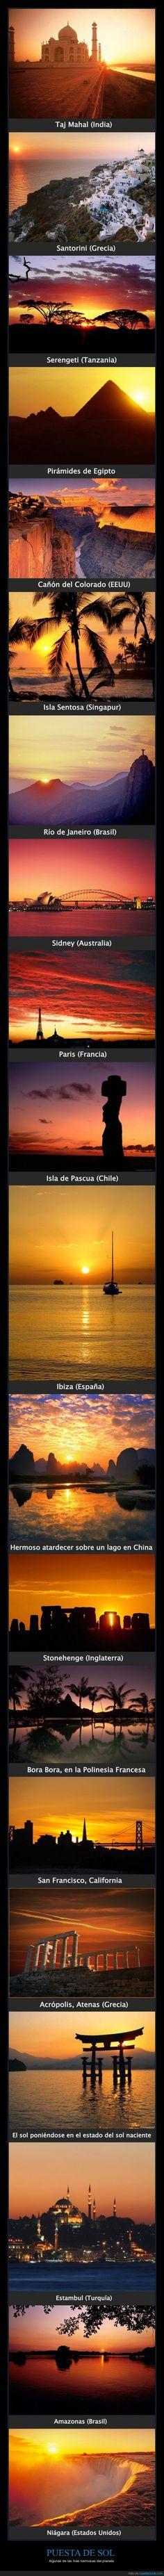 Algunas de las puestas de sol más hermosas del planeta